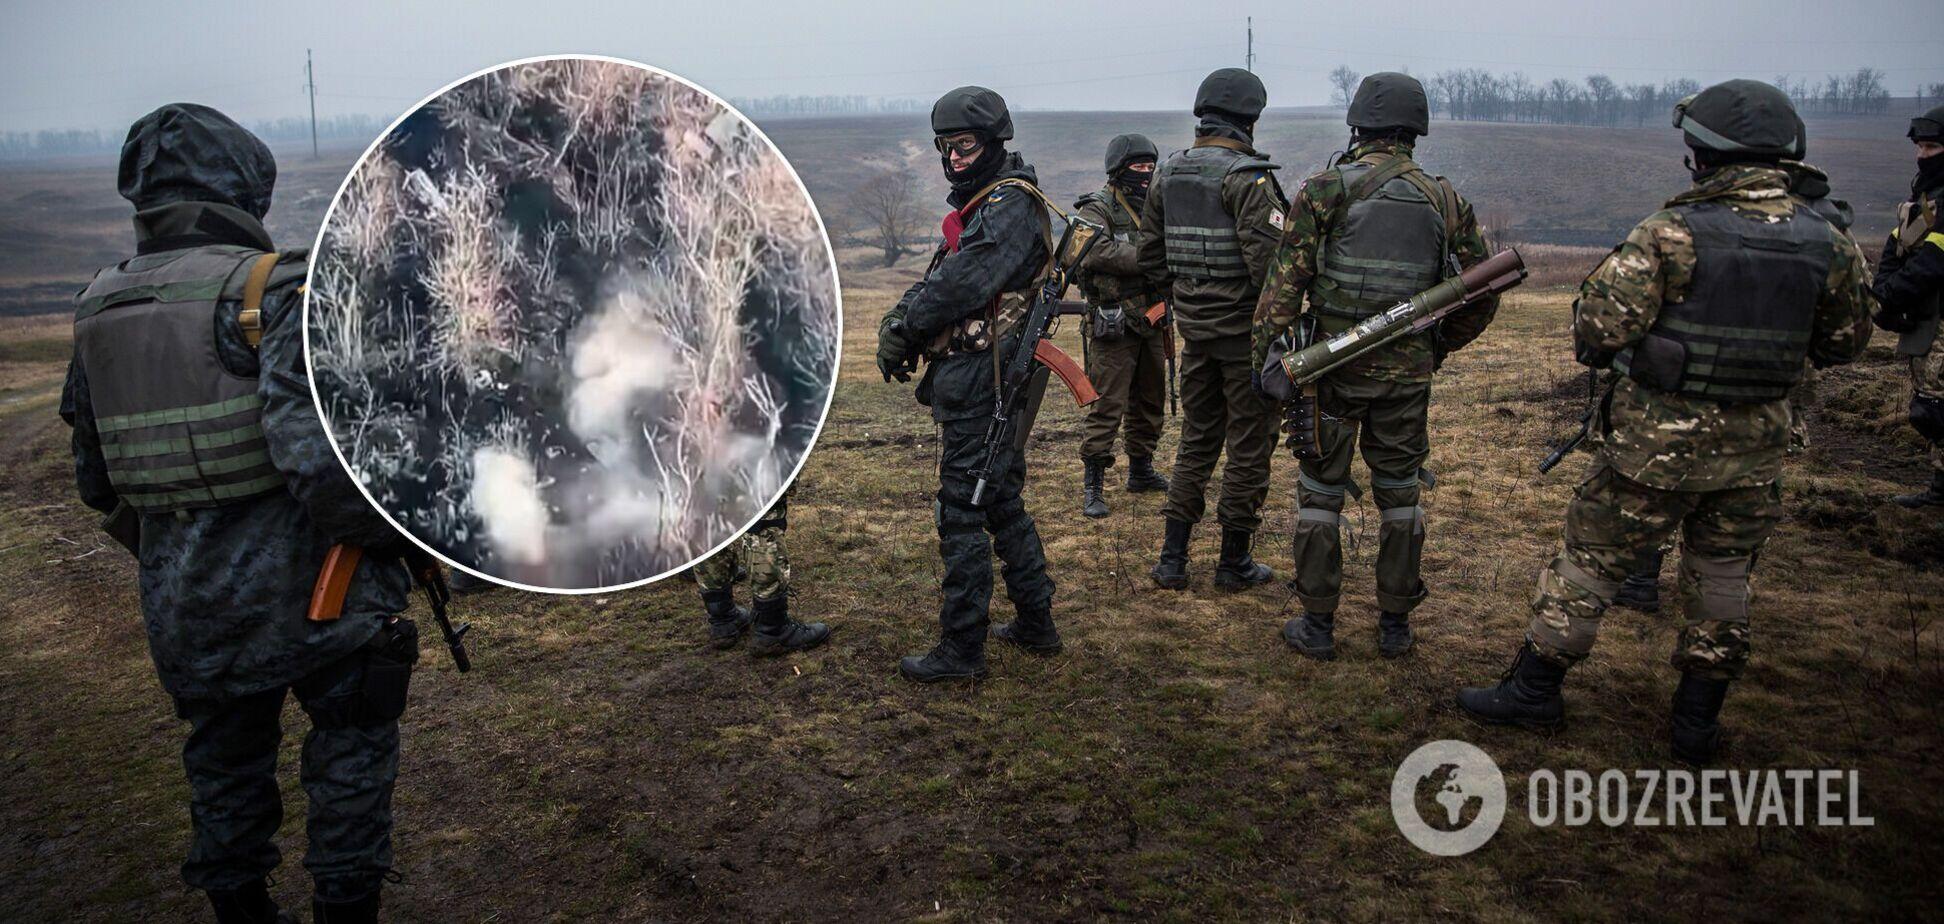 ВСУ уничтожили позицию 'Л/ДНР' с воздуха. Видео